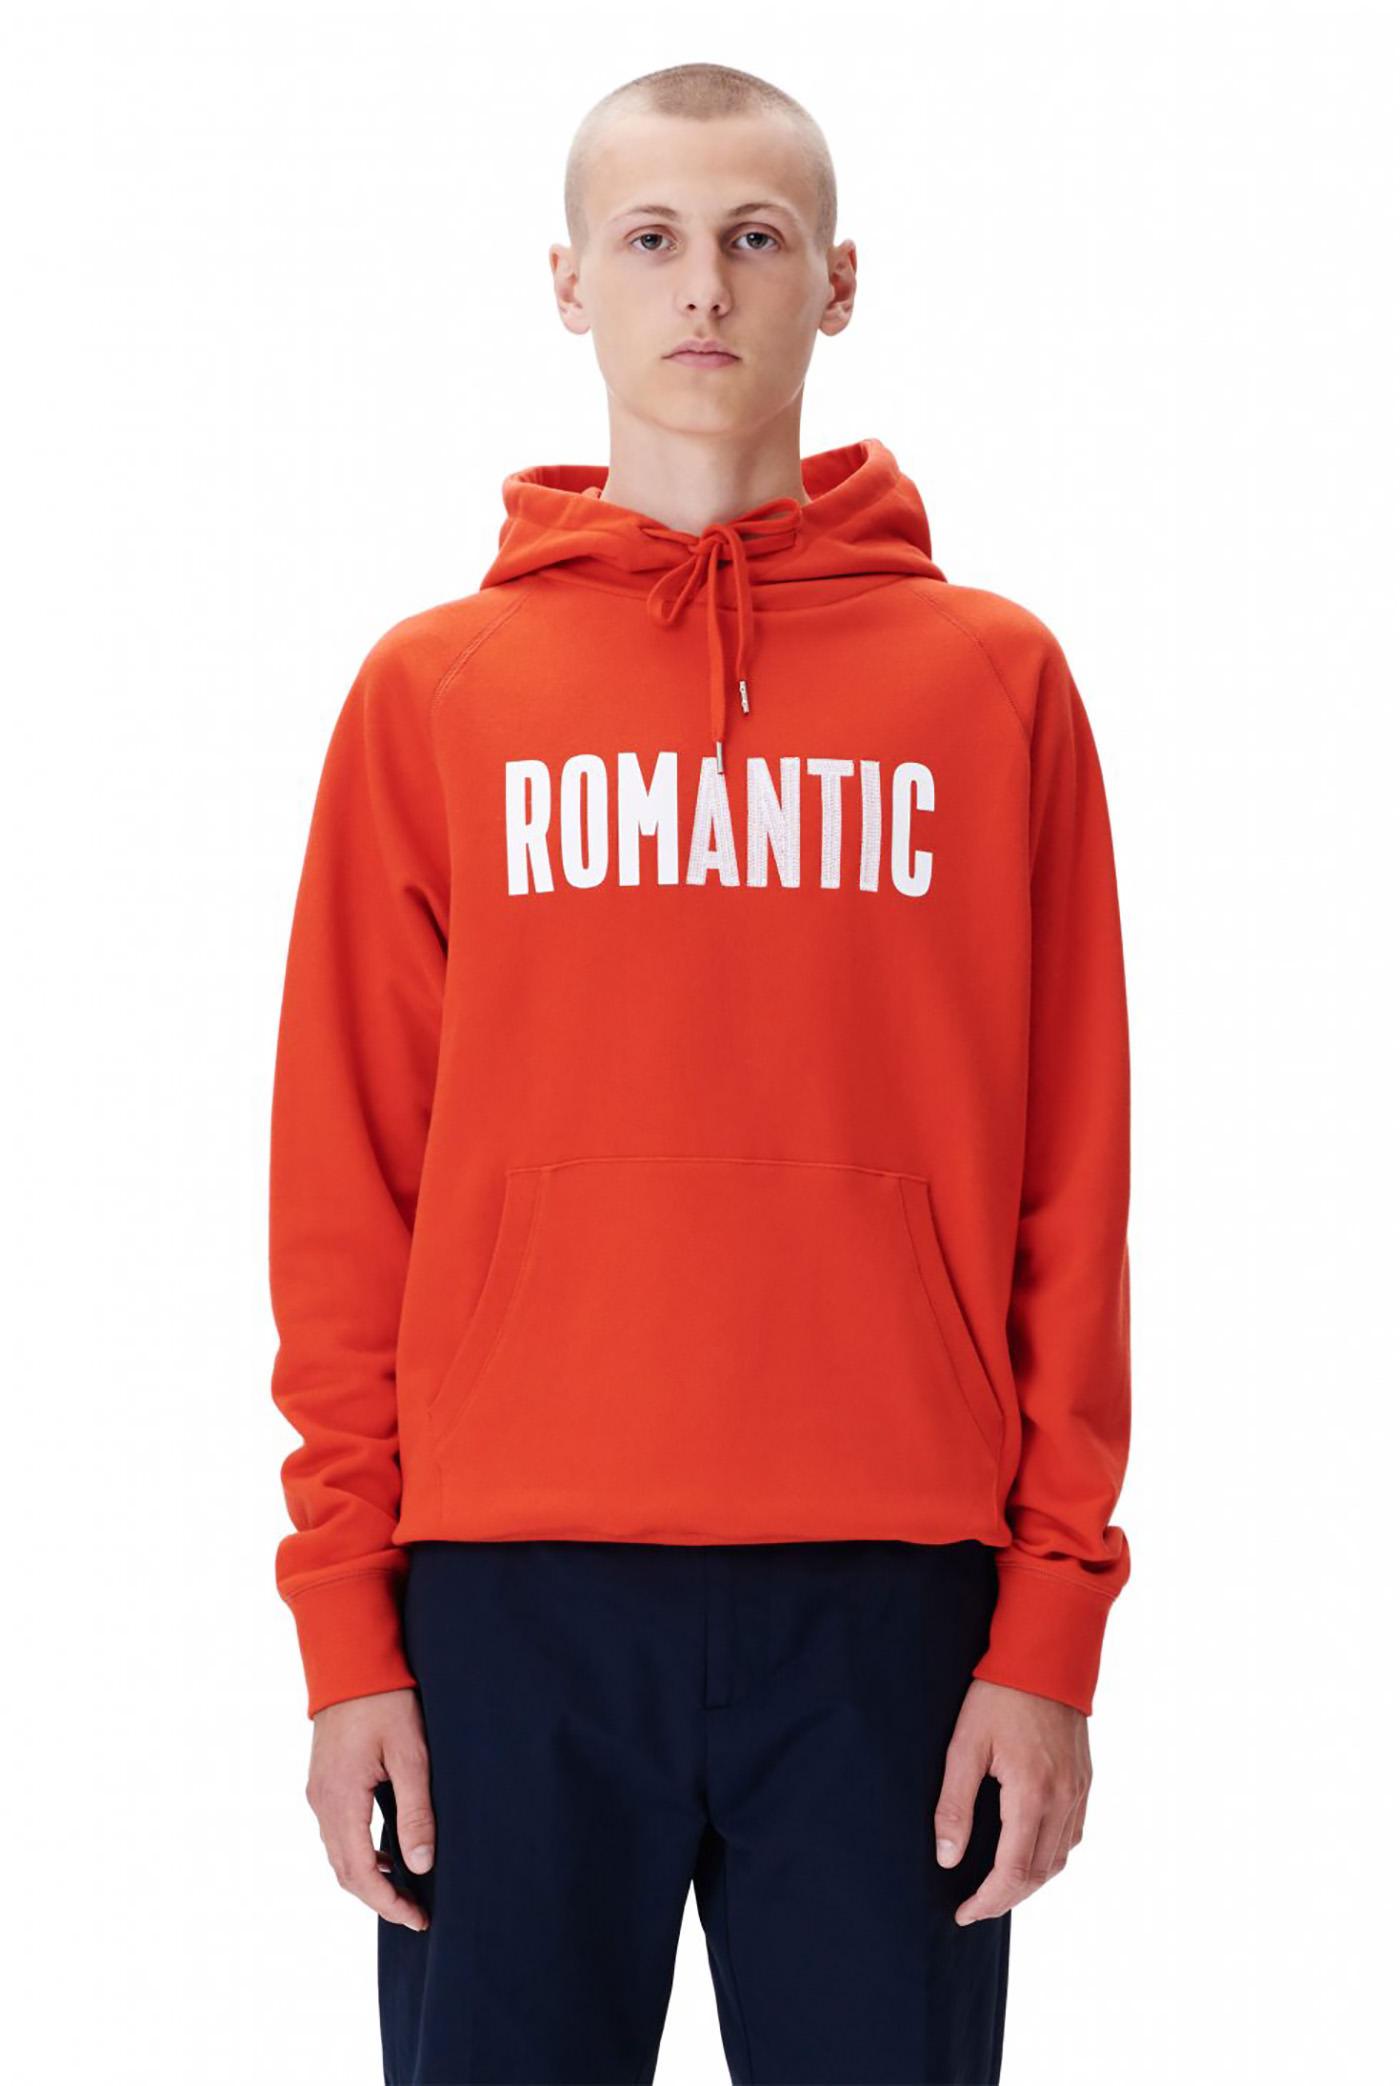 wwss2017-romantic-1